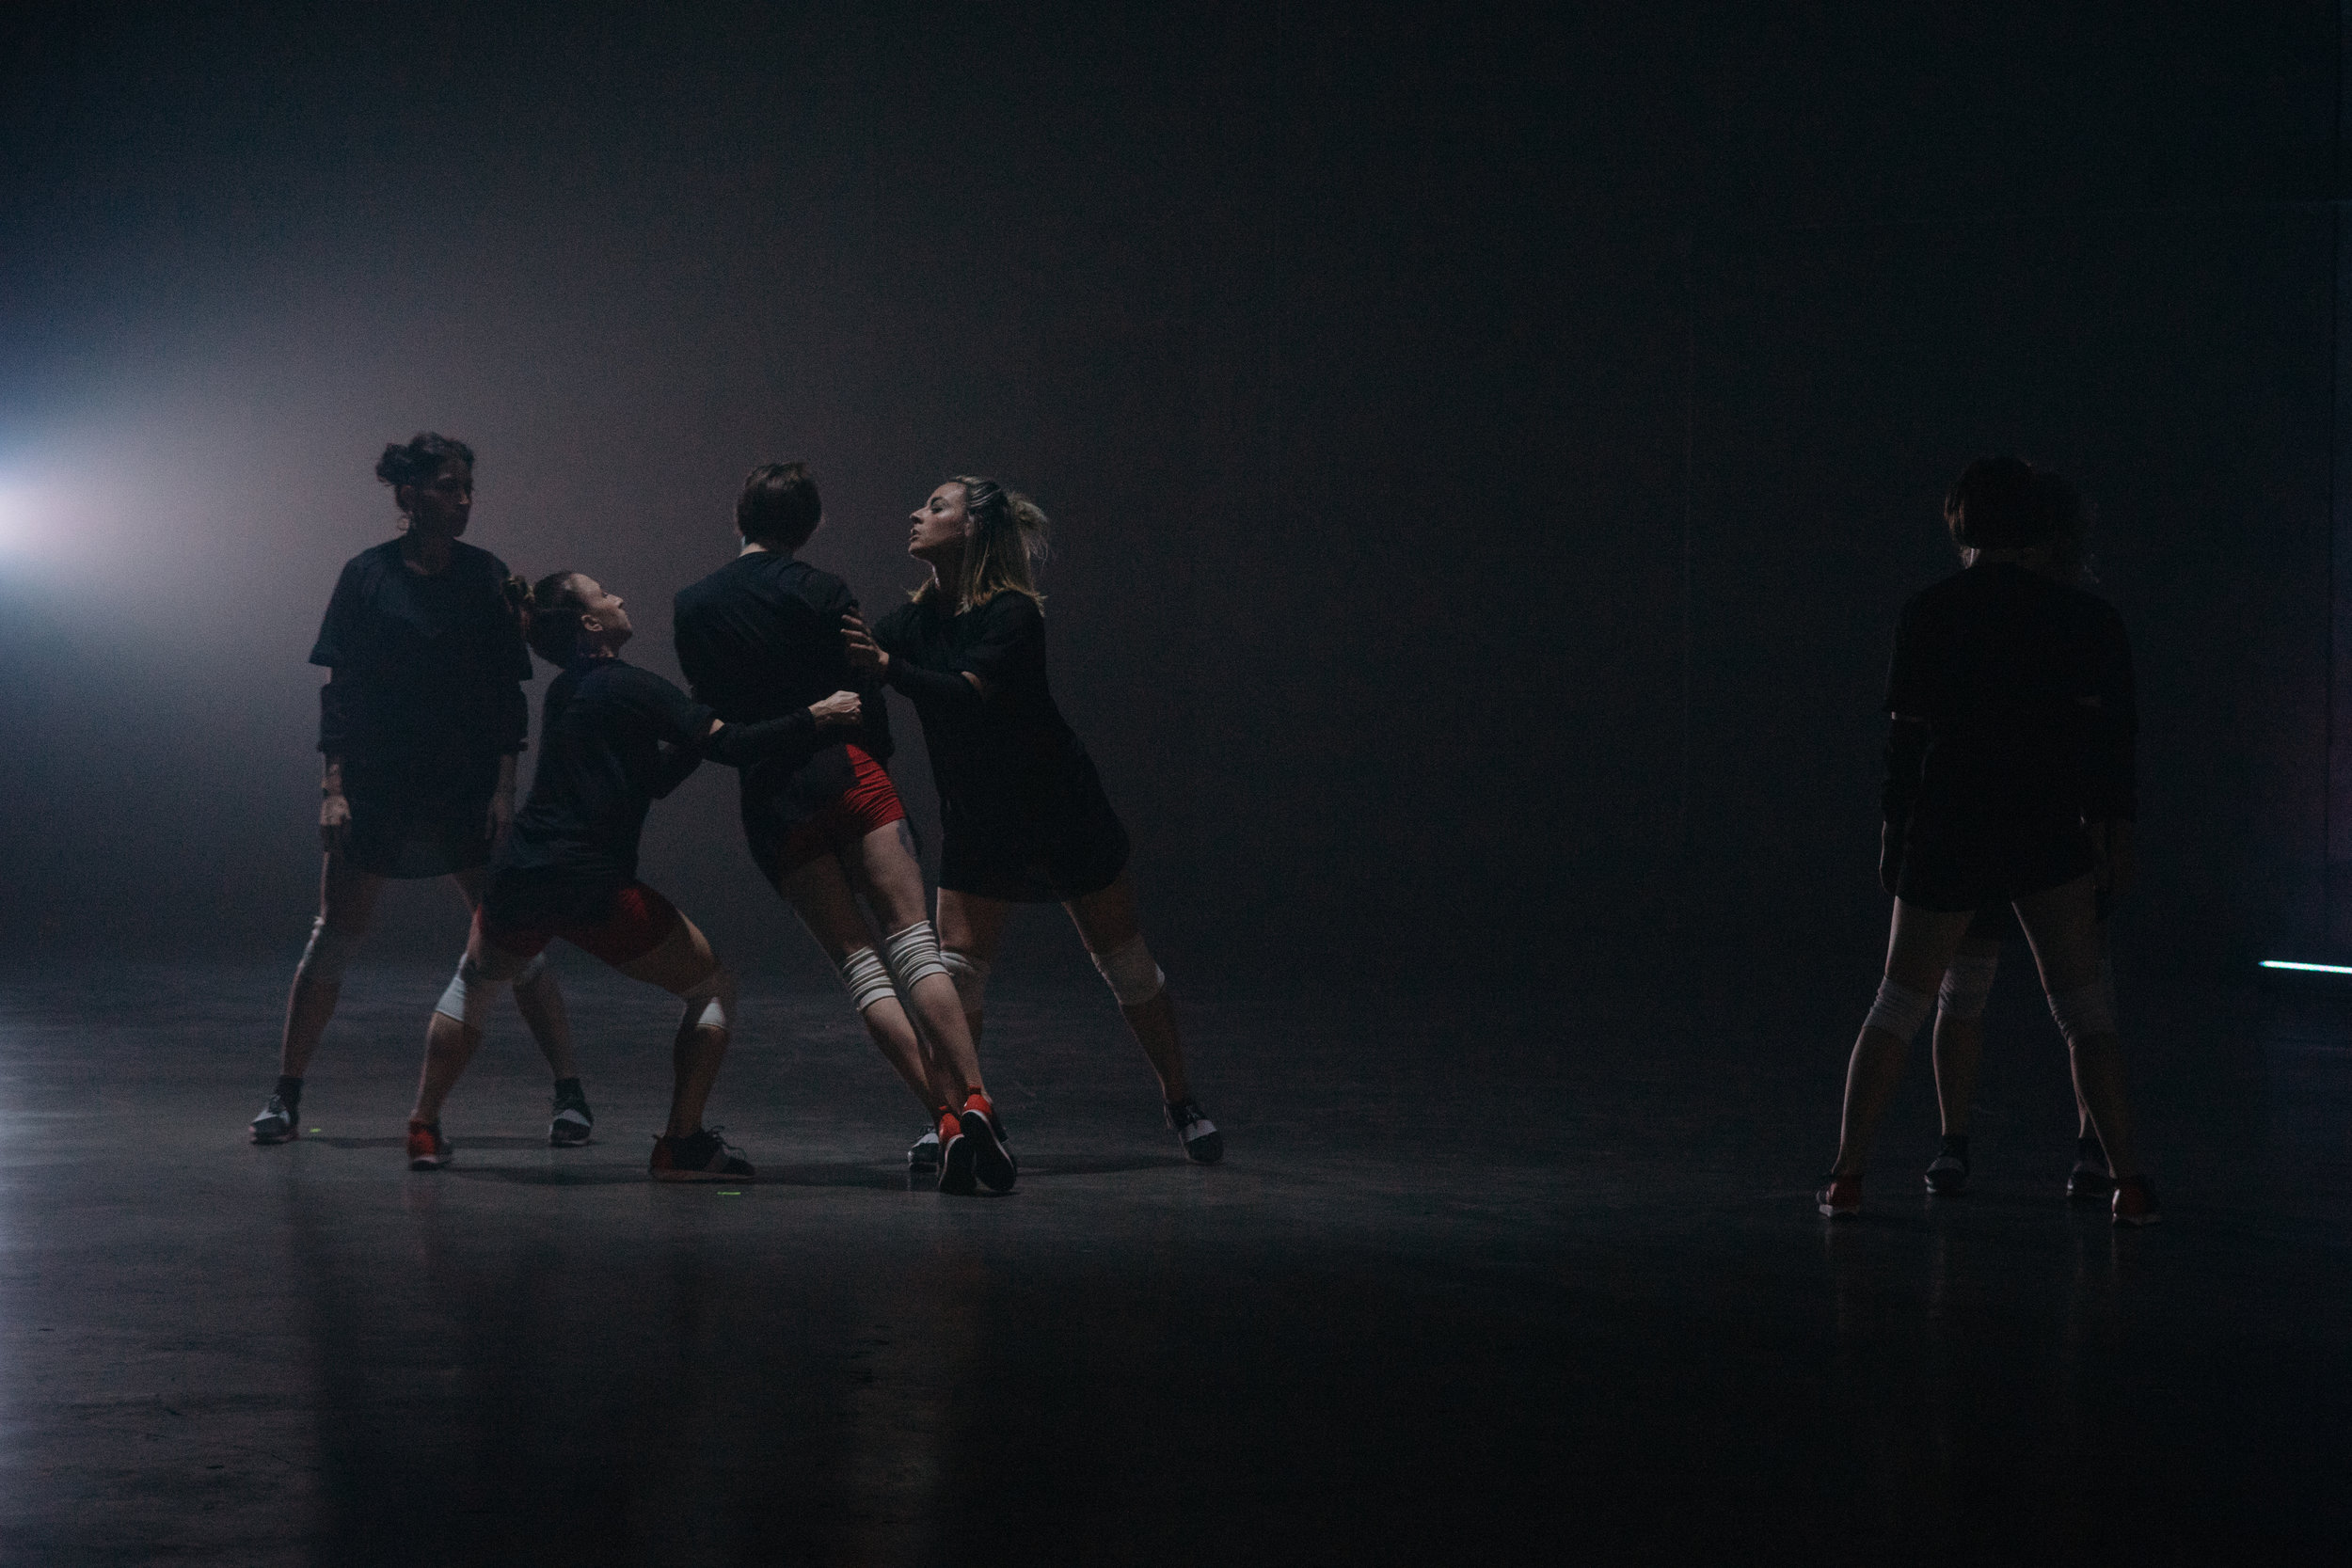 Dancers: Sarah Navarrete, Katie Hopkins, Katie Gunderson, Alex Miller, Taryn Lavery, Hailley Lauren